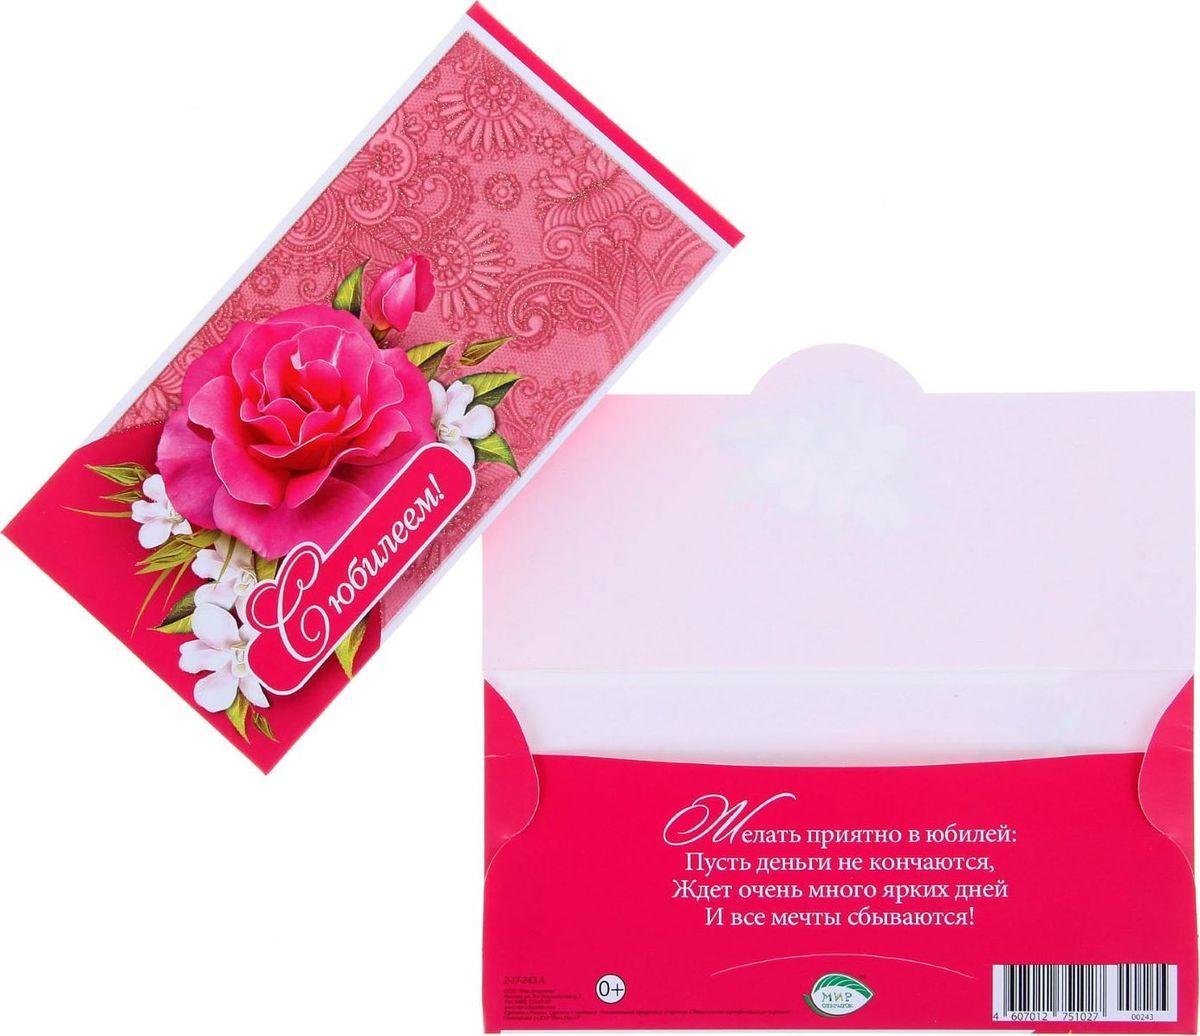 Конверт для денег Мир открыток С юбилеем! Розовый цветок, 16,4 х 8,4 см1113252Невозможно представить нашу жизнь без праздников! Мы всегда ждем их и предвкушаем, обдумываем, как проведем памятный день, тщательно выбираем подарки и аксессуары, ведь именно они создают и поддерживают торжественный настрой. Этот конверт - отличный выбор, который привнесет атмосферу праздника в ваш дом!